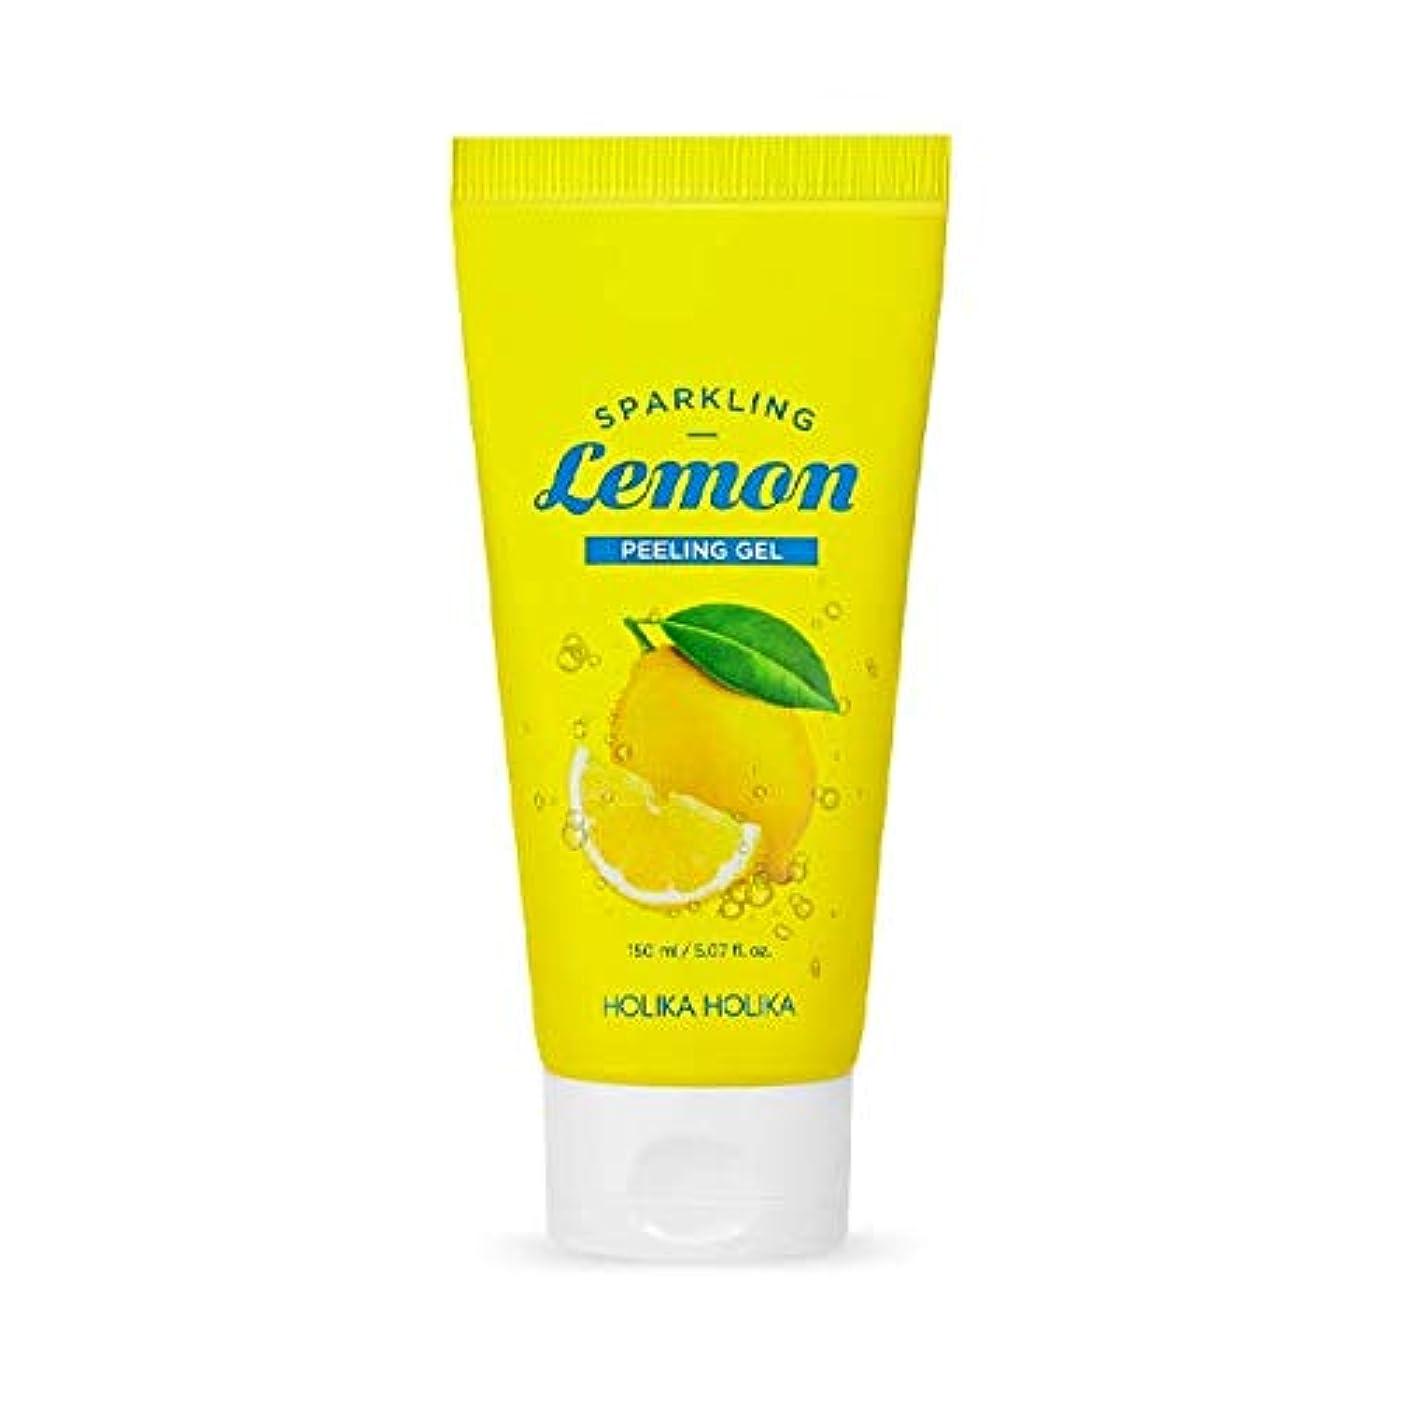 に頼る床チャンピオンシップホリカホリカ 炭酸レモンピーリングジェル/HOLIKA Sparkling Lemon Peeling Gel 150ml 韓国コスメ [並行輸入品]